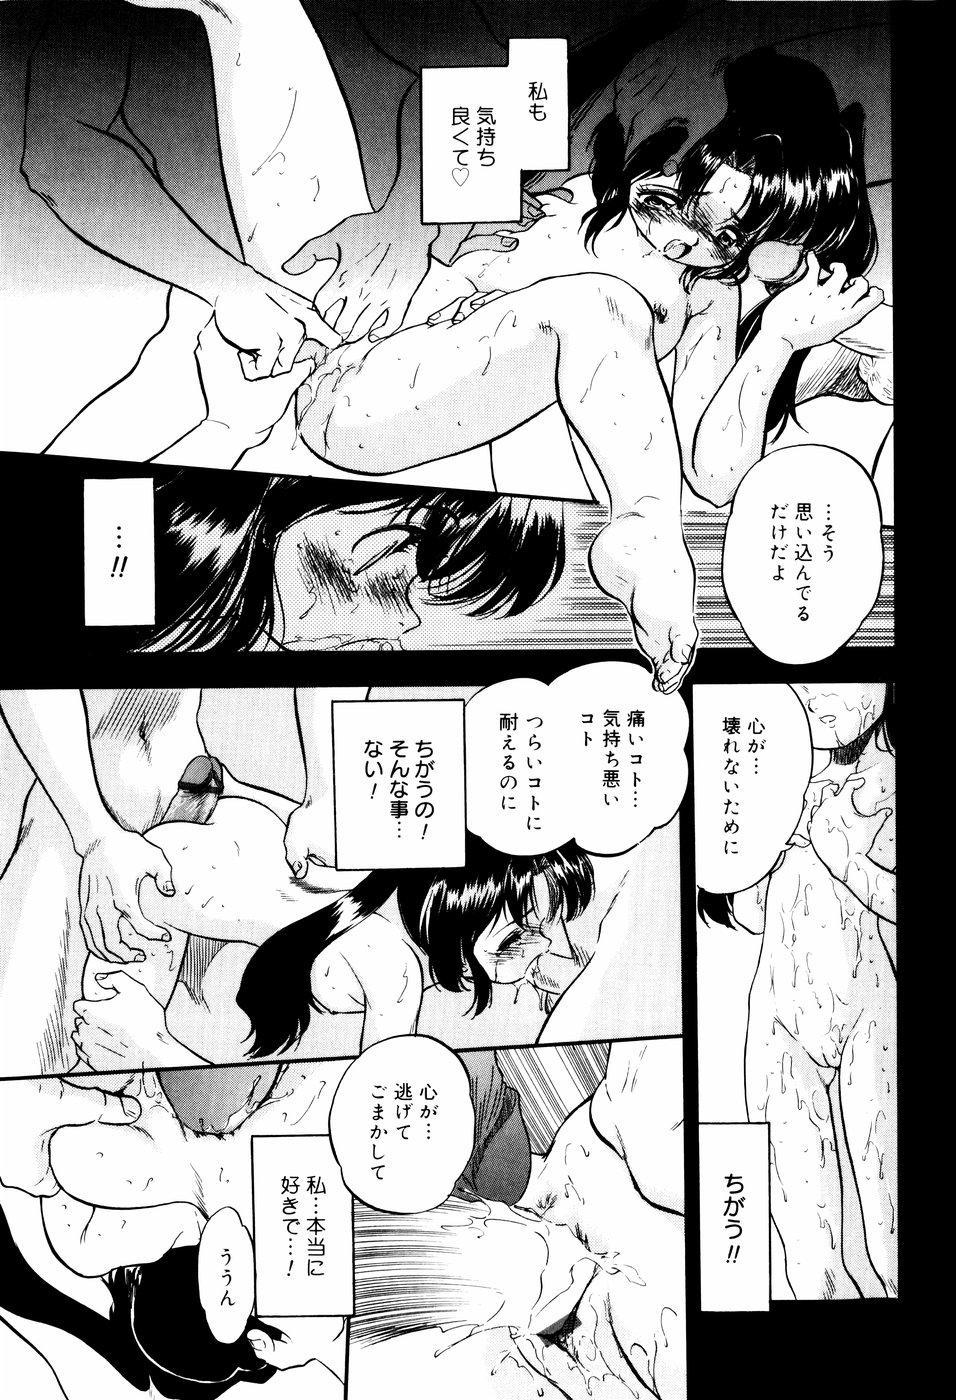 Mitsuiro Ni Tokeru Kakera 86